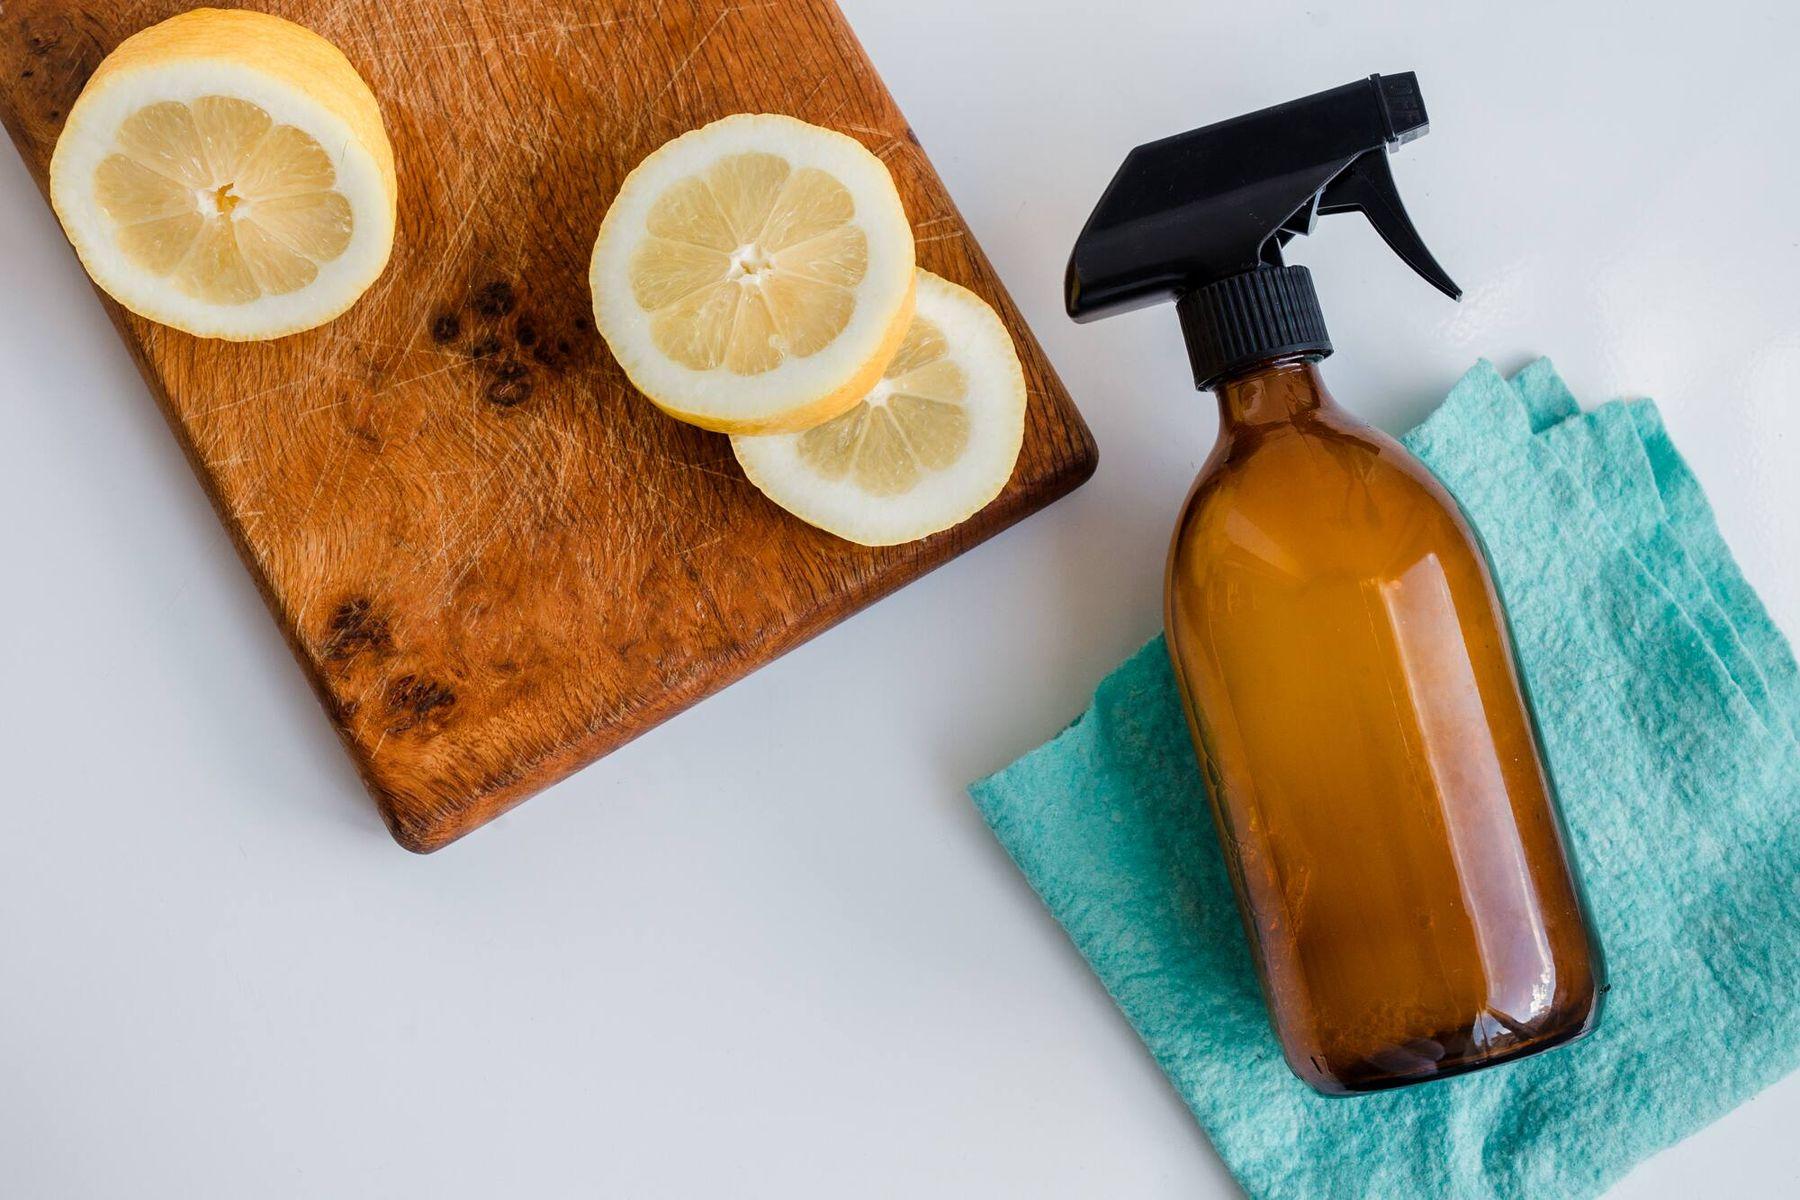 nước rủa chén an toàn cho da tay, dưỡng da tay